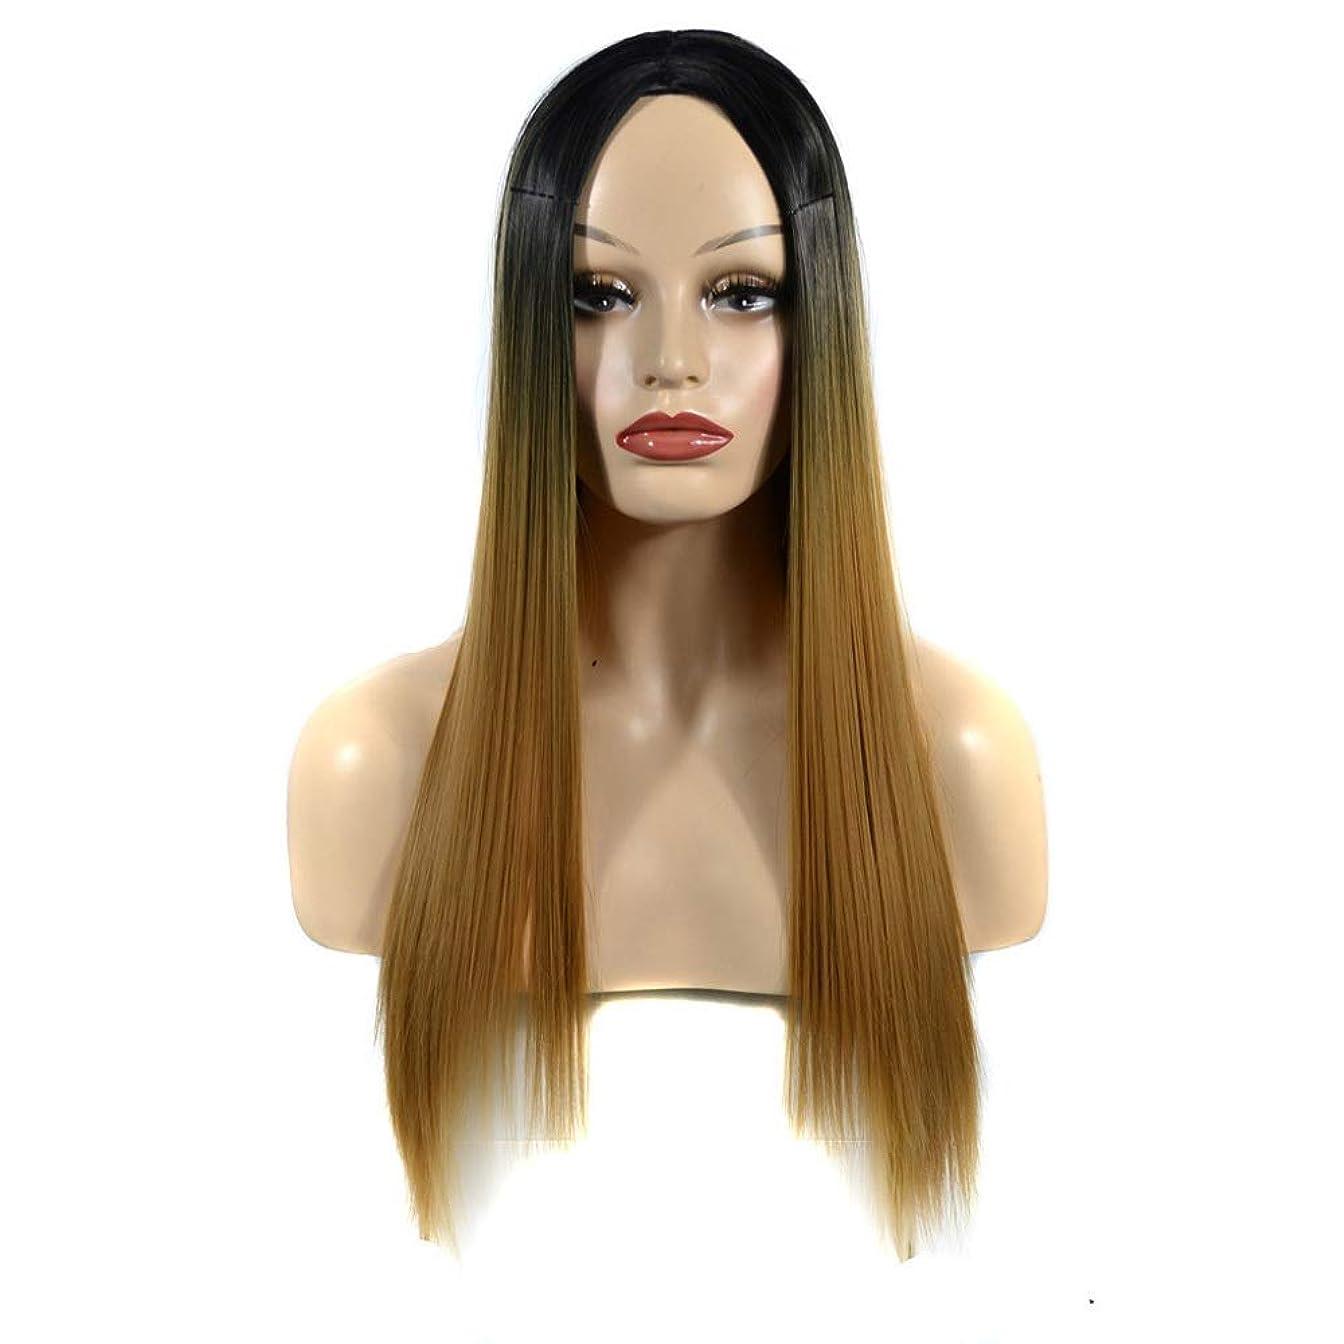 不名誉なによるとためらうYESONEEP ライトブラウンオンブルロングストレートウィッグ女性用中部かつらダークルーツ耐熱ウィッグパーティーウィッグ (Color : Light brown, サイズ : 60cm)